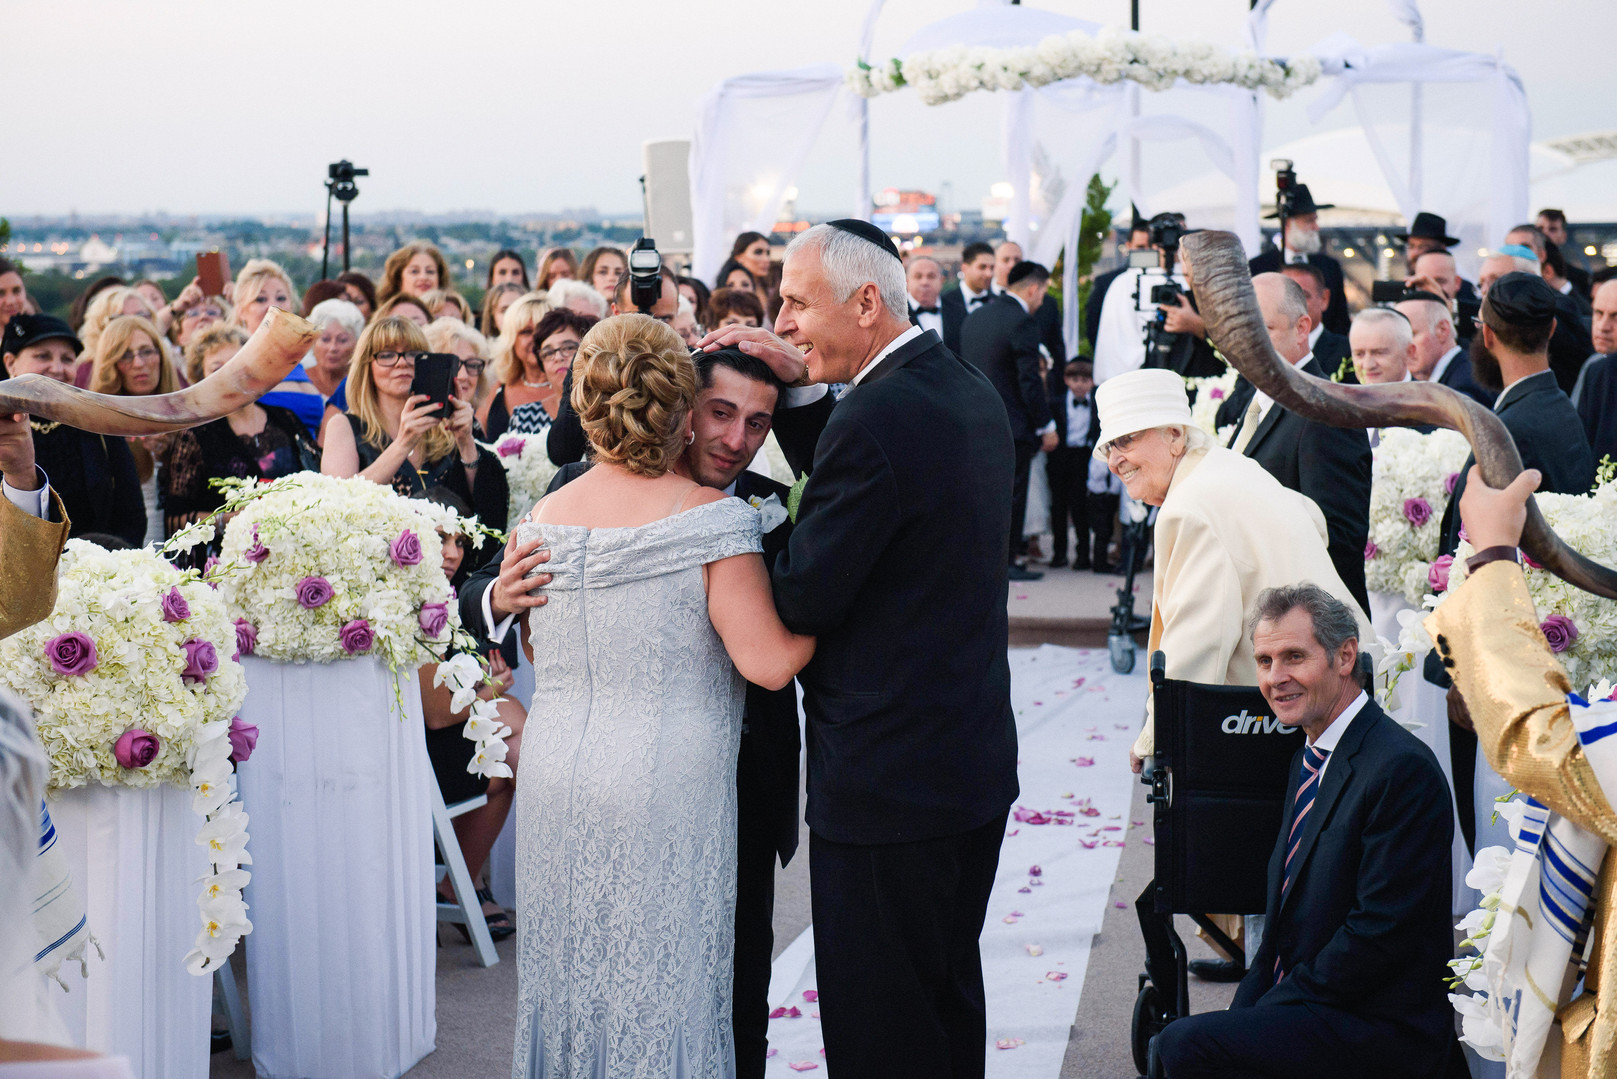 weddings-20-2.jpg